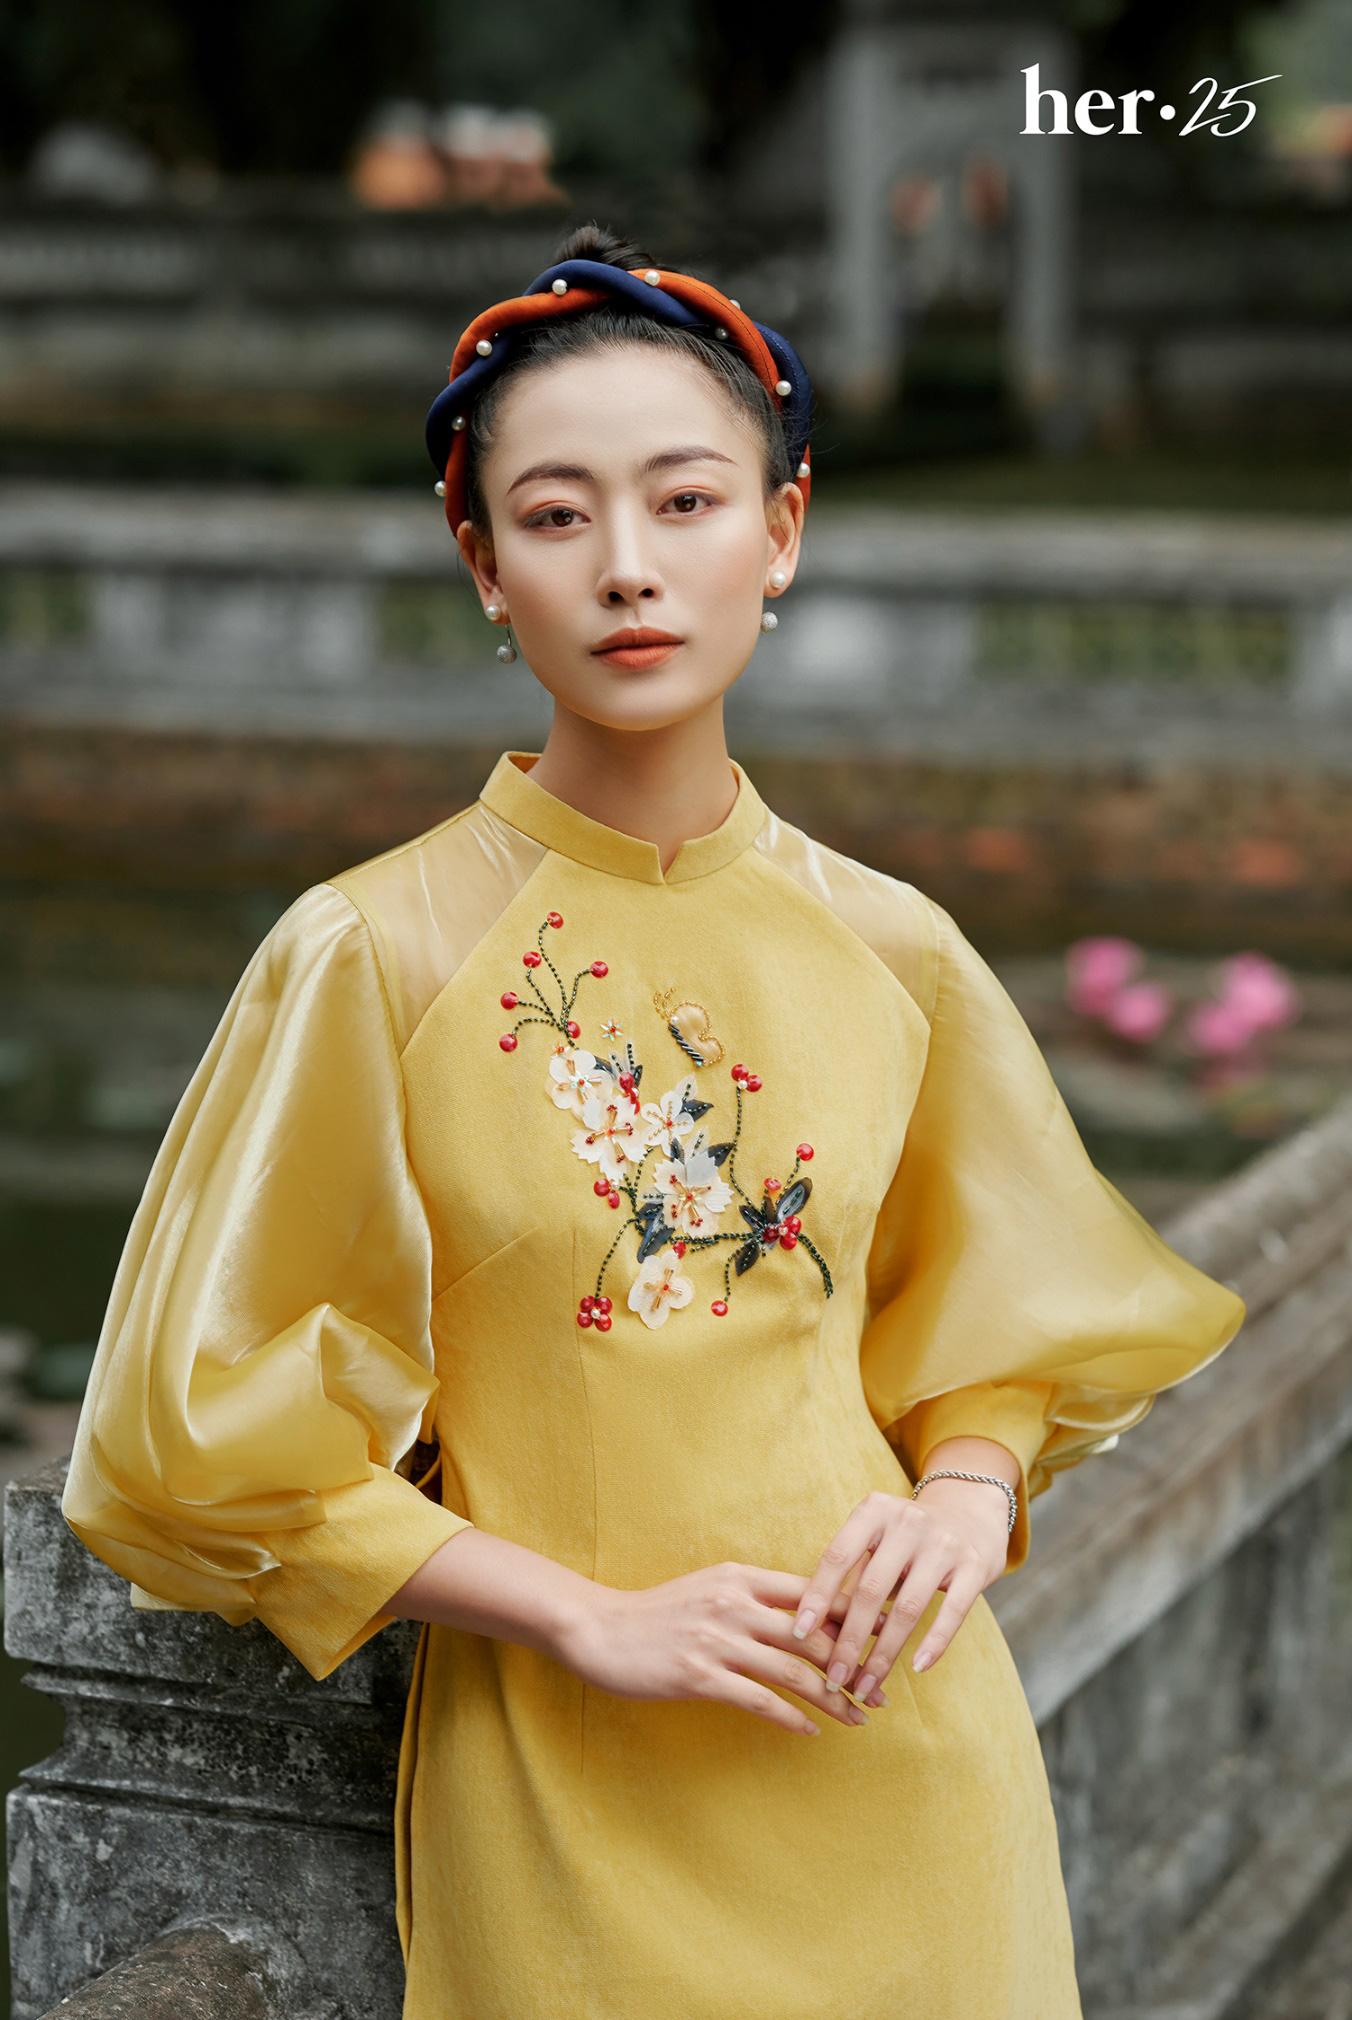 Tết mặc áo dài không mập với 5 tips dễ thử từ HER 25 - Ảnh 3.